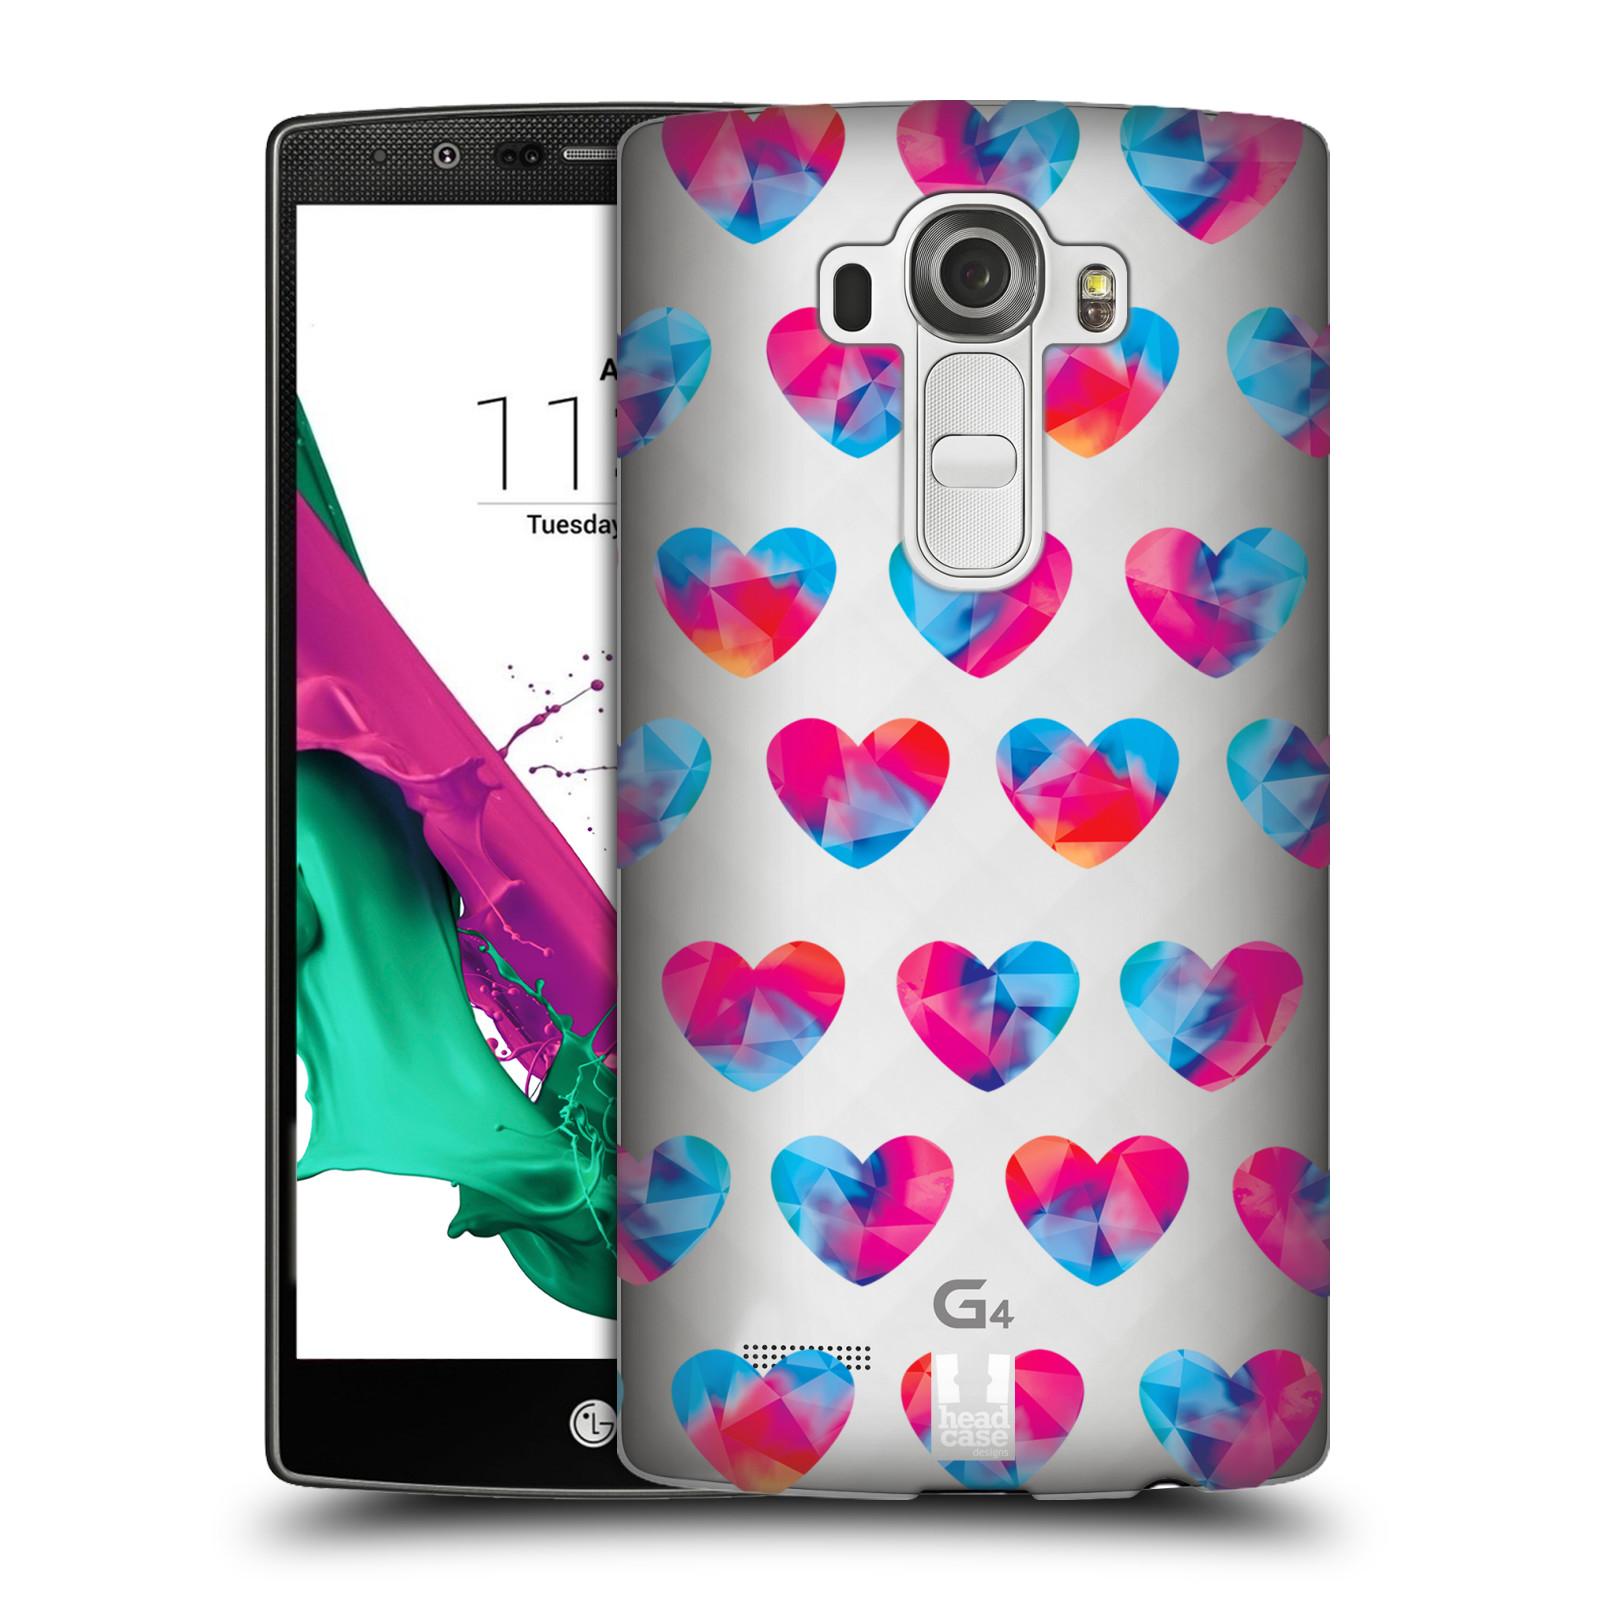 Plastové pouzdro na mobil LG G4 - Head Case - Srdíčka hrající barvami